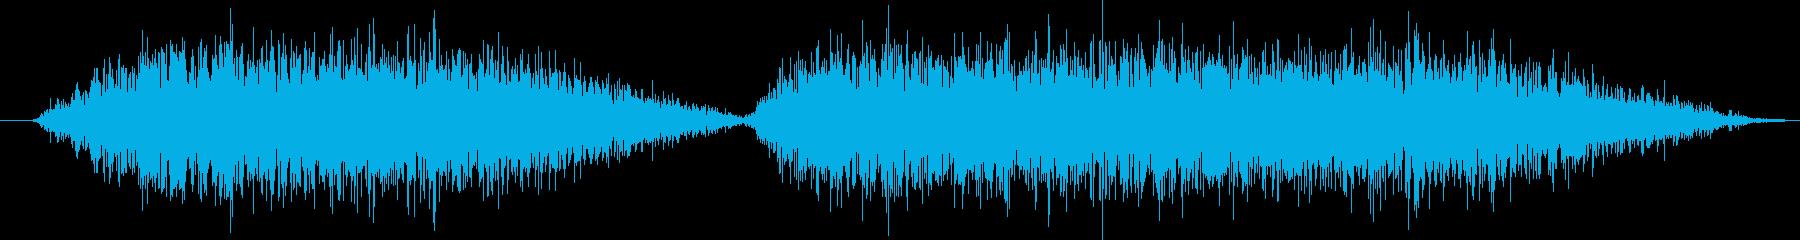 火炎放射器:2つのバースト、火炎放射器の再生済みの波形